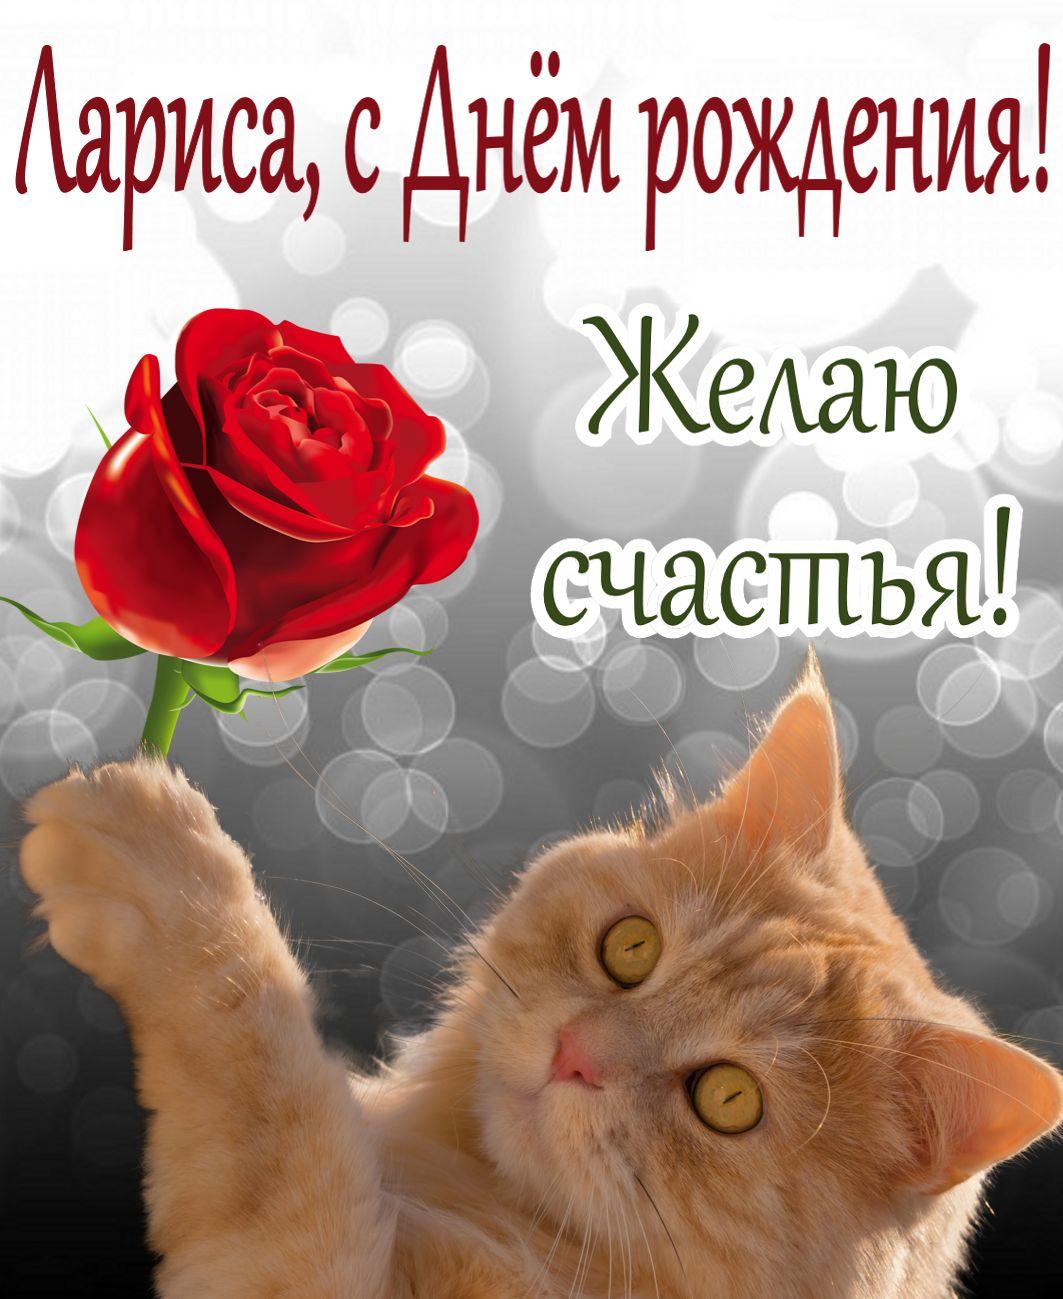 открытка на День рождения Ларисе - рыжий котик с розой желает счастья